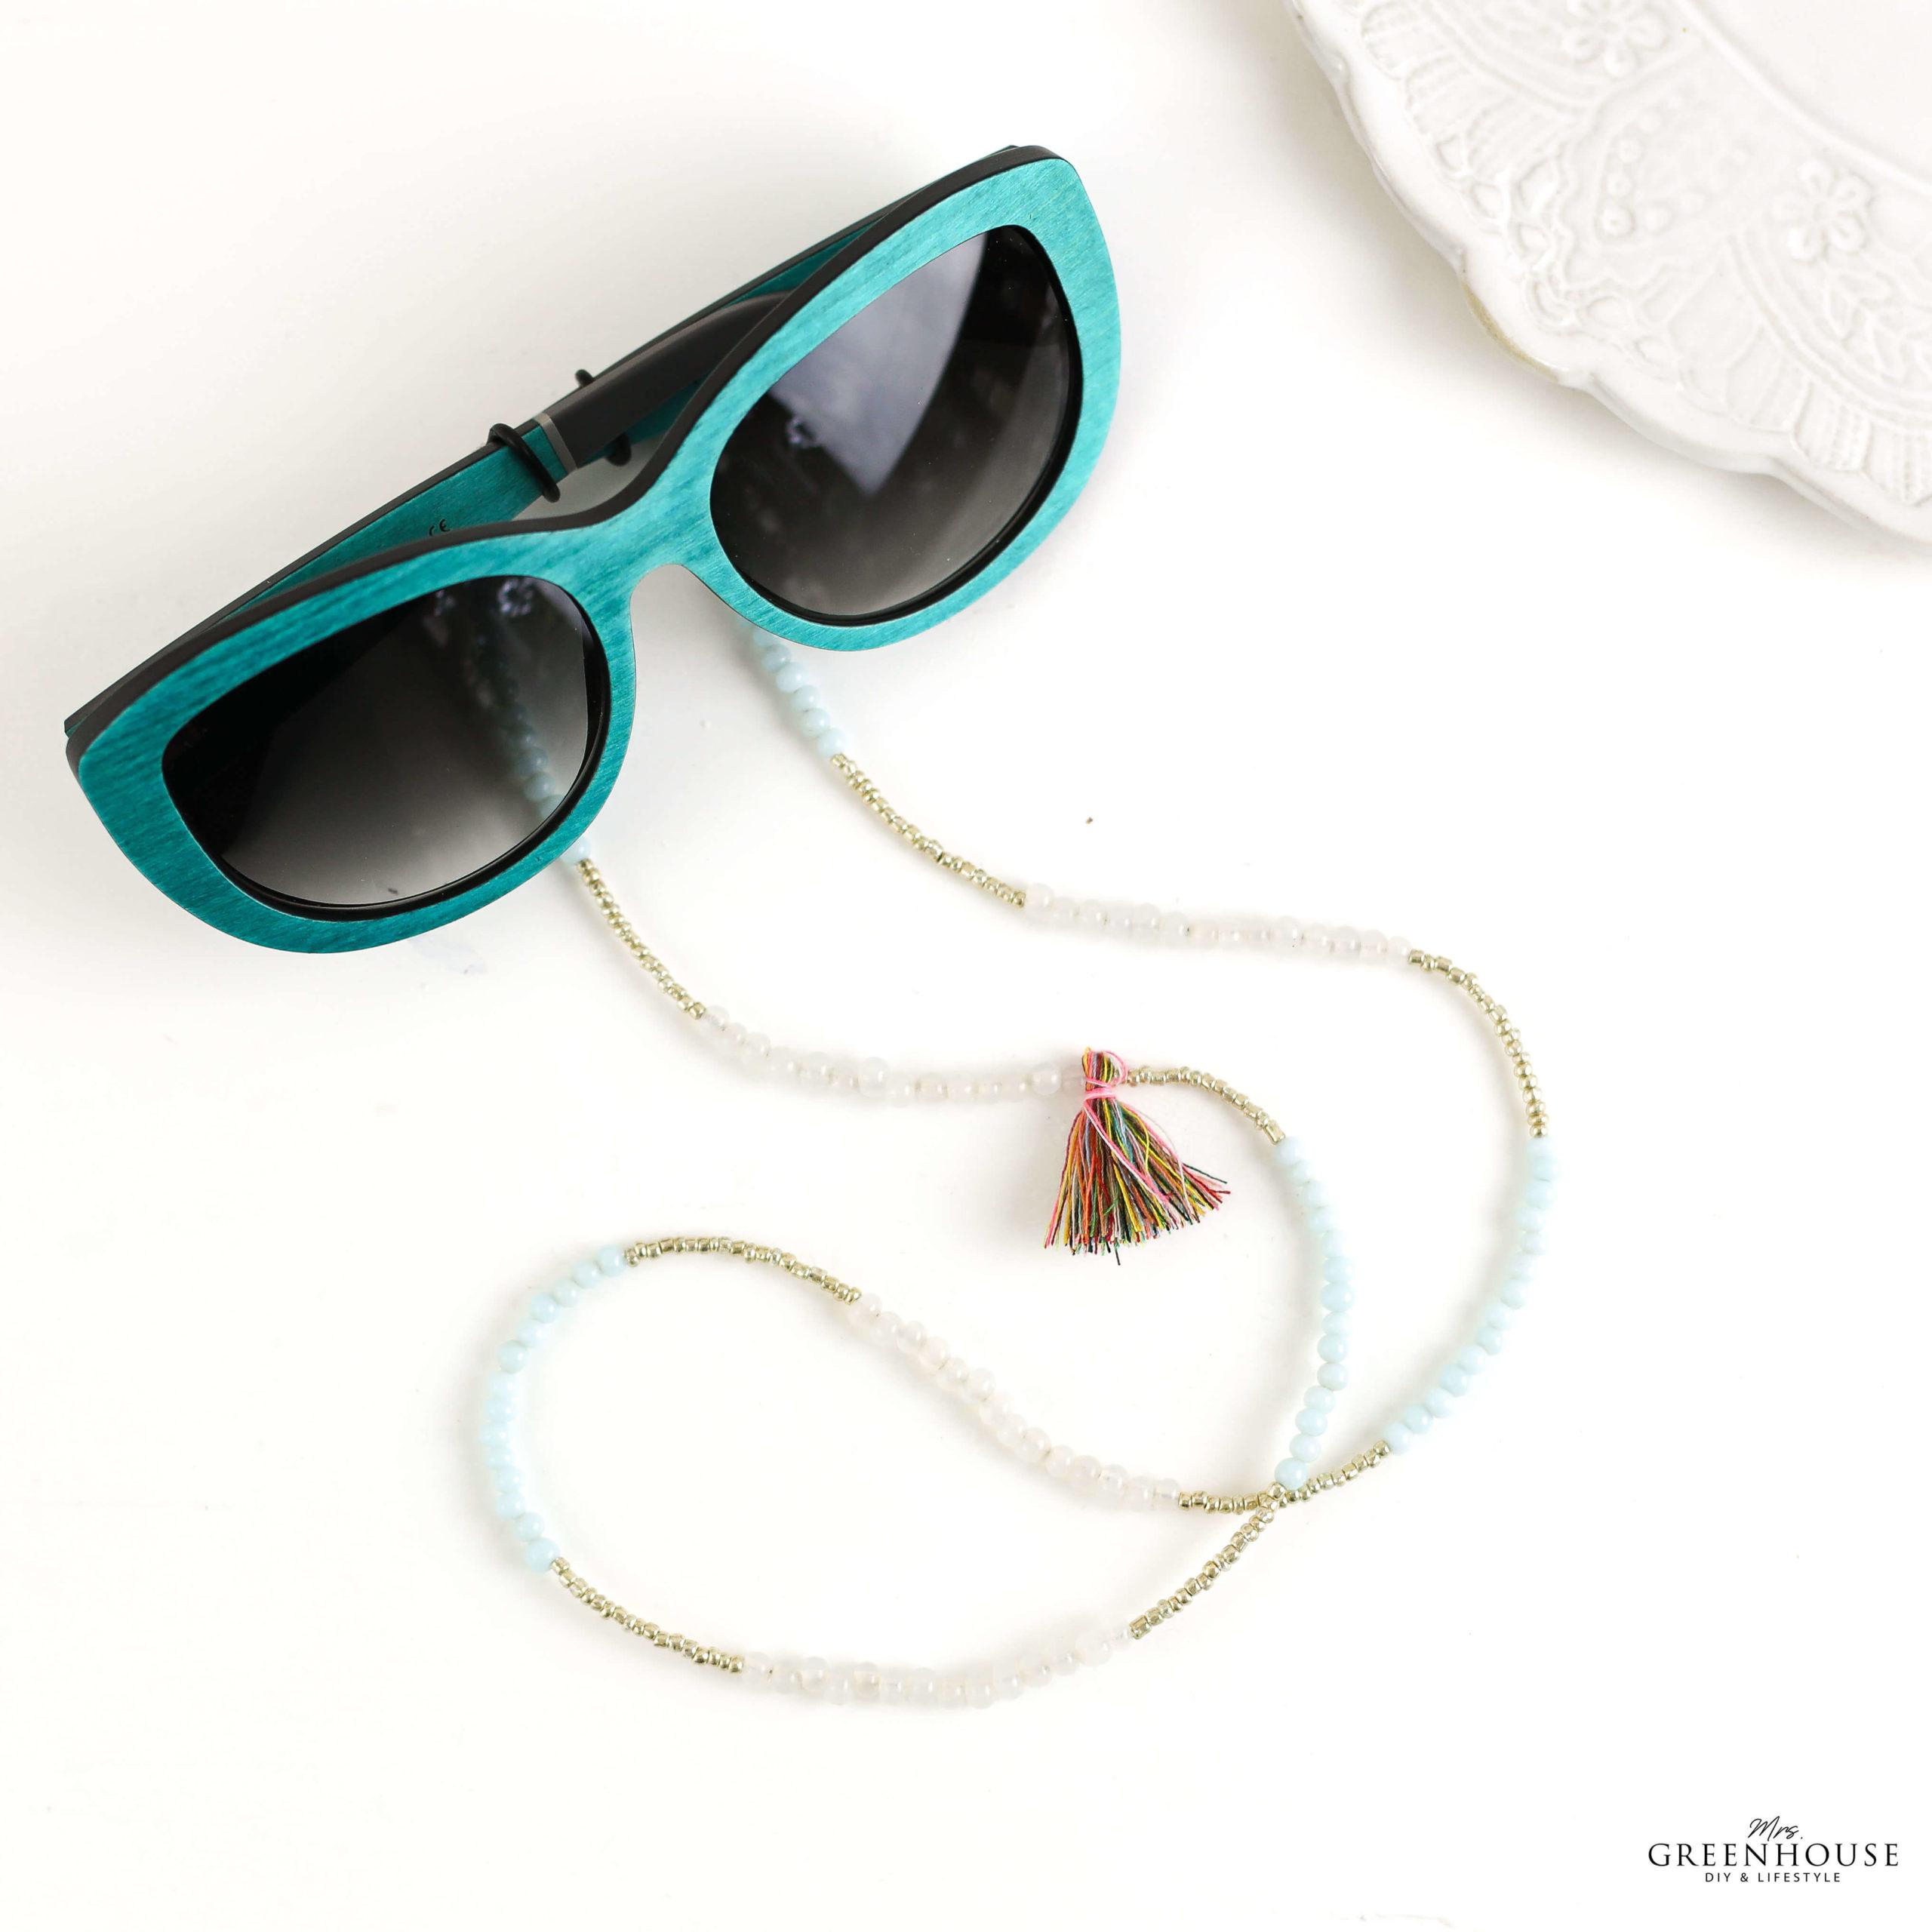 Brillenband selber machen mit Anleitung